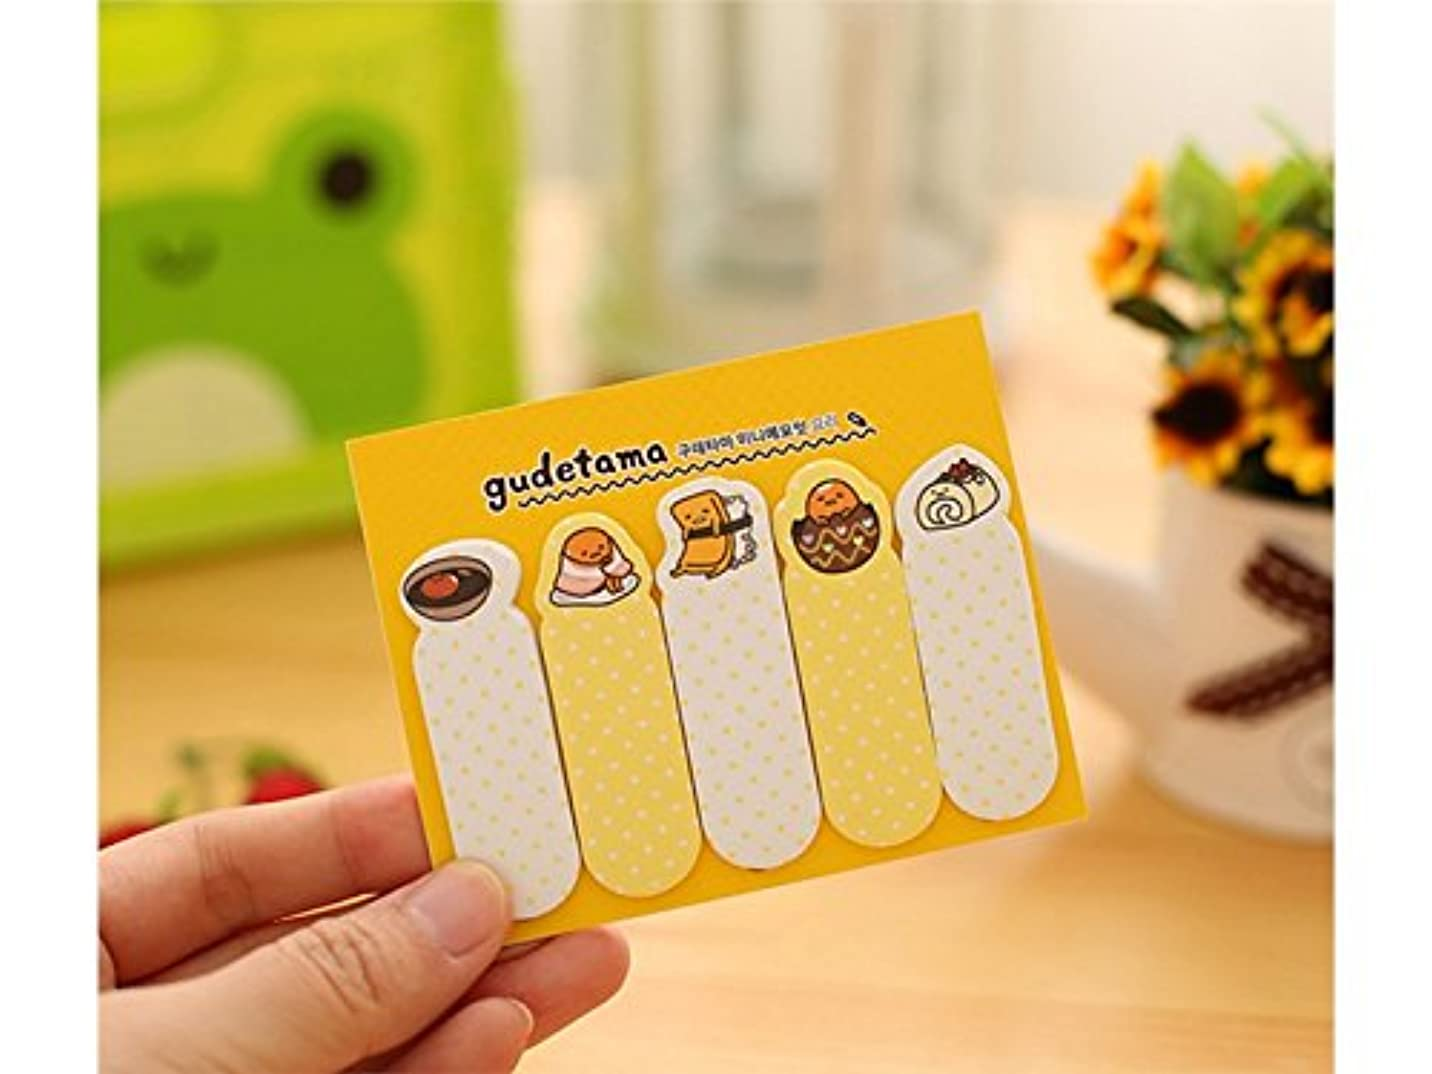 切り刻むダイバー政令FenBuGu-JP 学生教師 卵黄斑点の付いた粘着性のノート分類またはメッセージのための5つのゆるい葉バインダー(黄色)